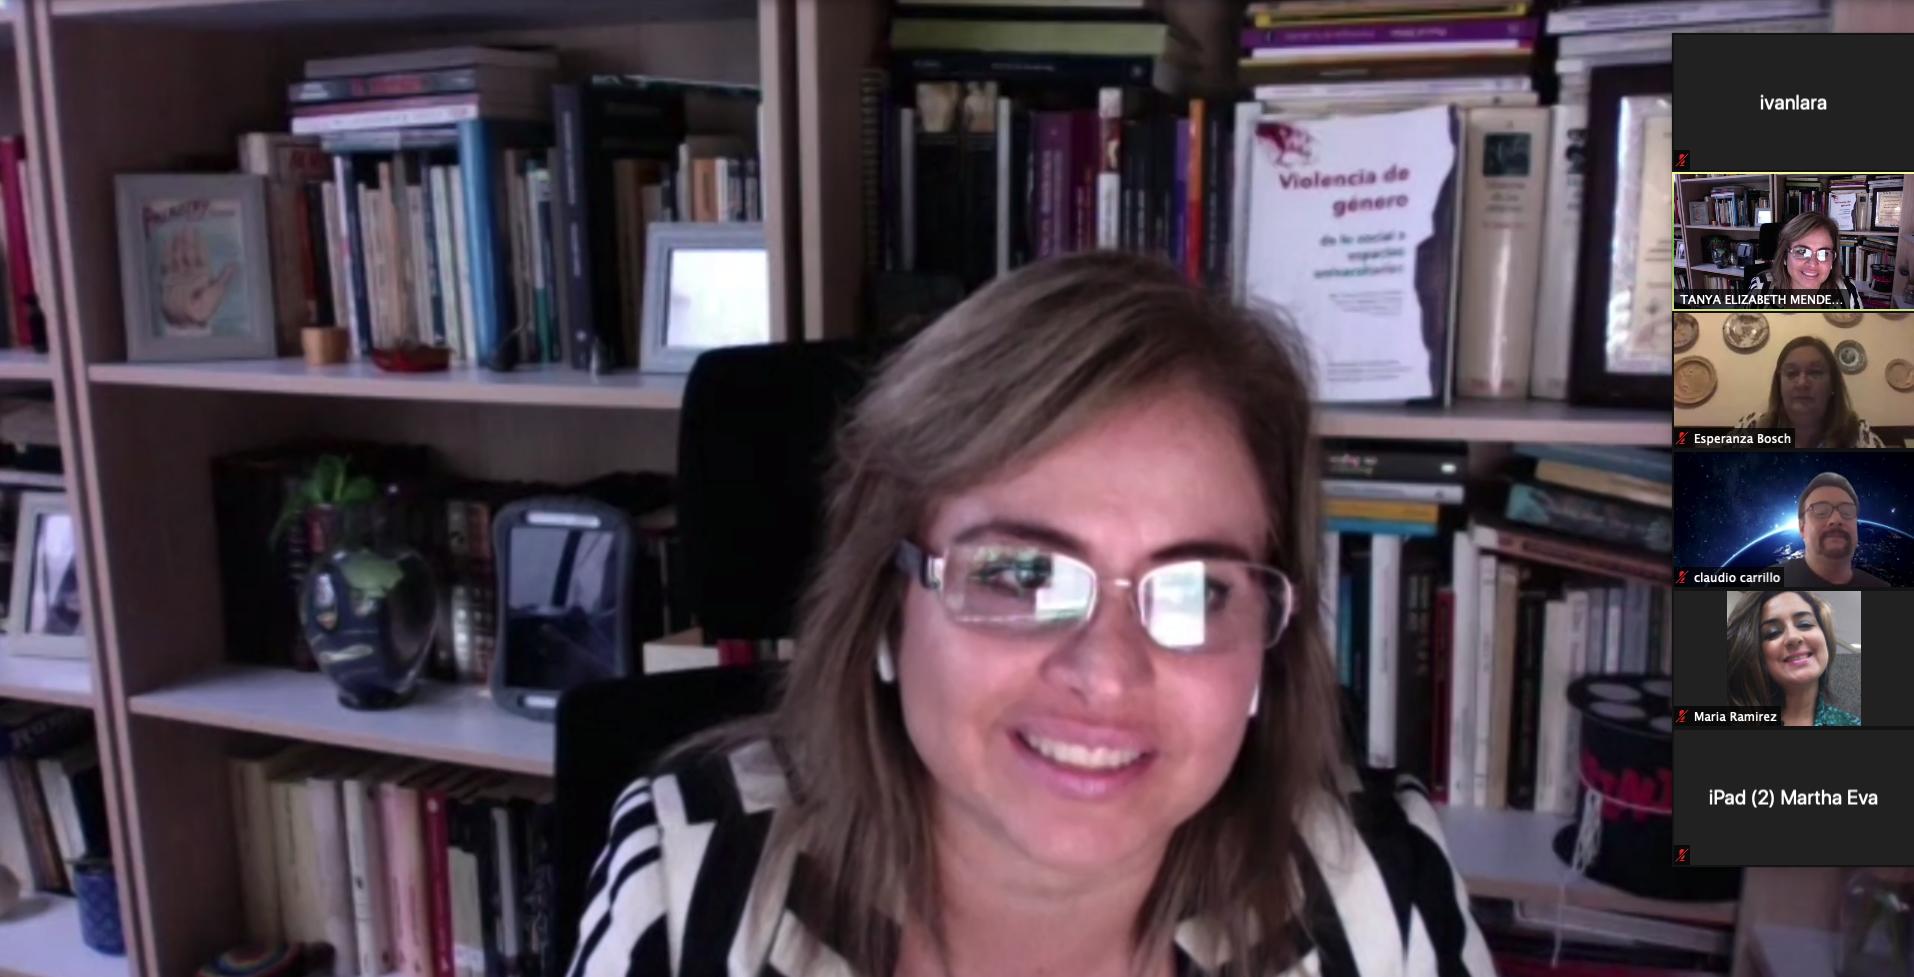 Investigadores analizan las agresiones a las mujeres en los ámbitos social y universitario